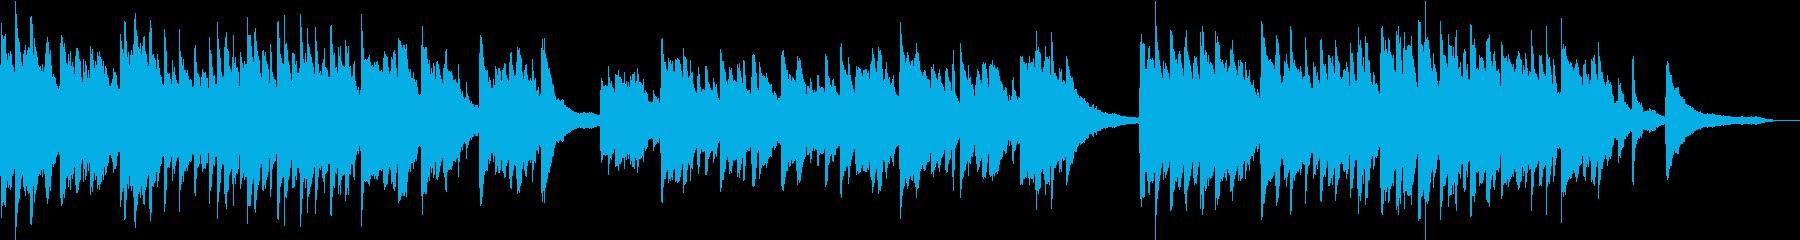 企業VP映像に未来・感動ピアノソロBGMの再生済みの波形